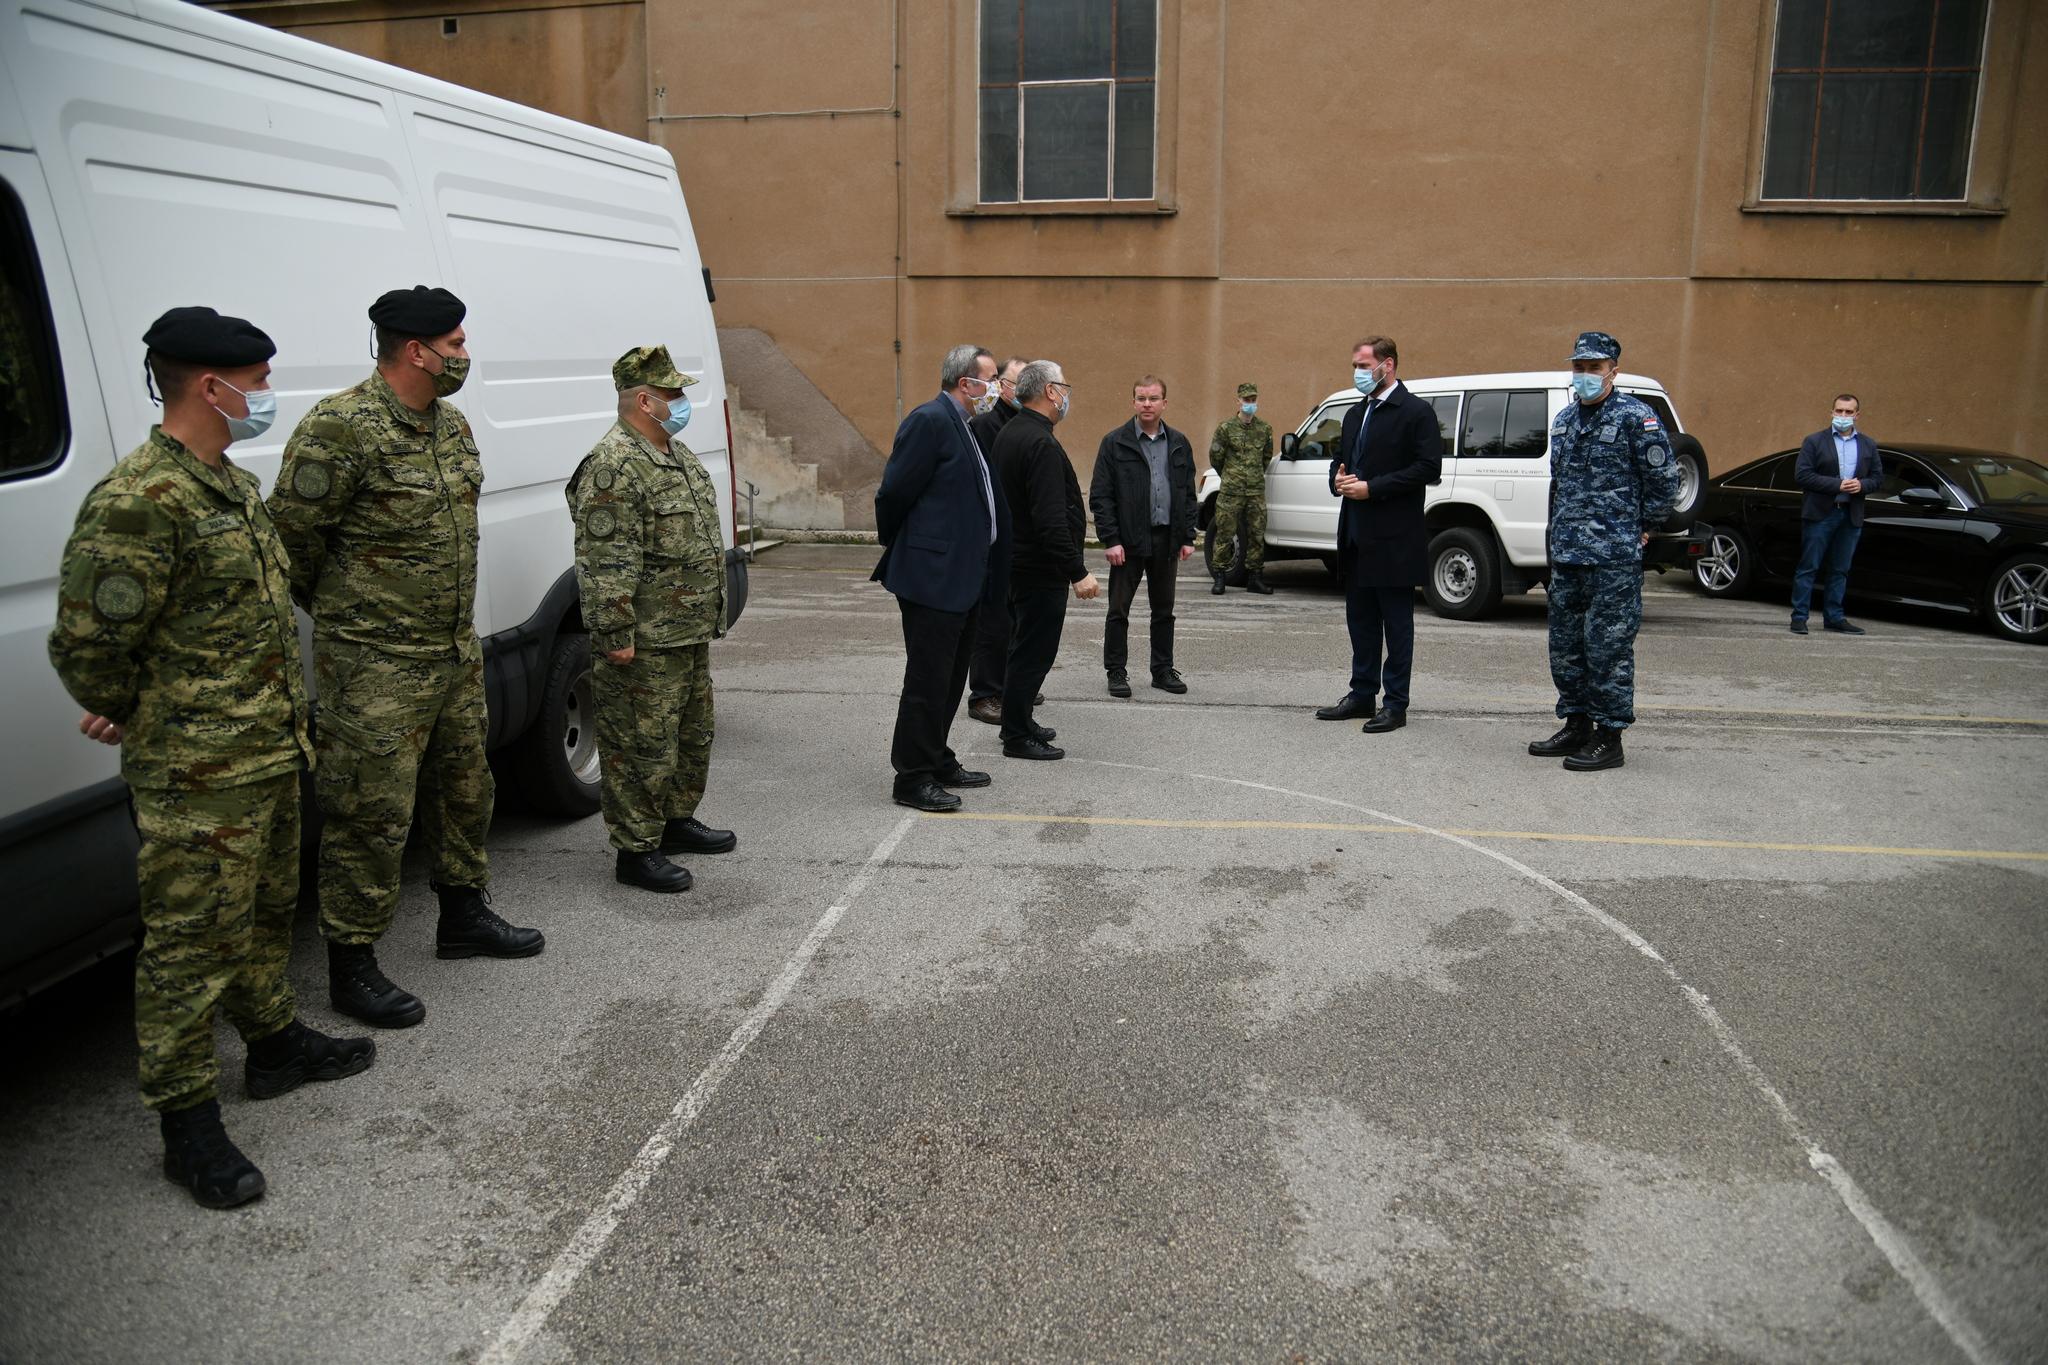 Ministar Banožić i admiral Hranj s pripadnicima HV-a ispred bazilike u Palmotićevoj